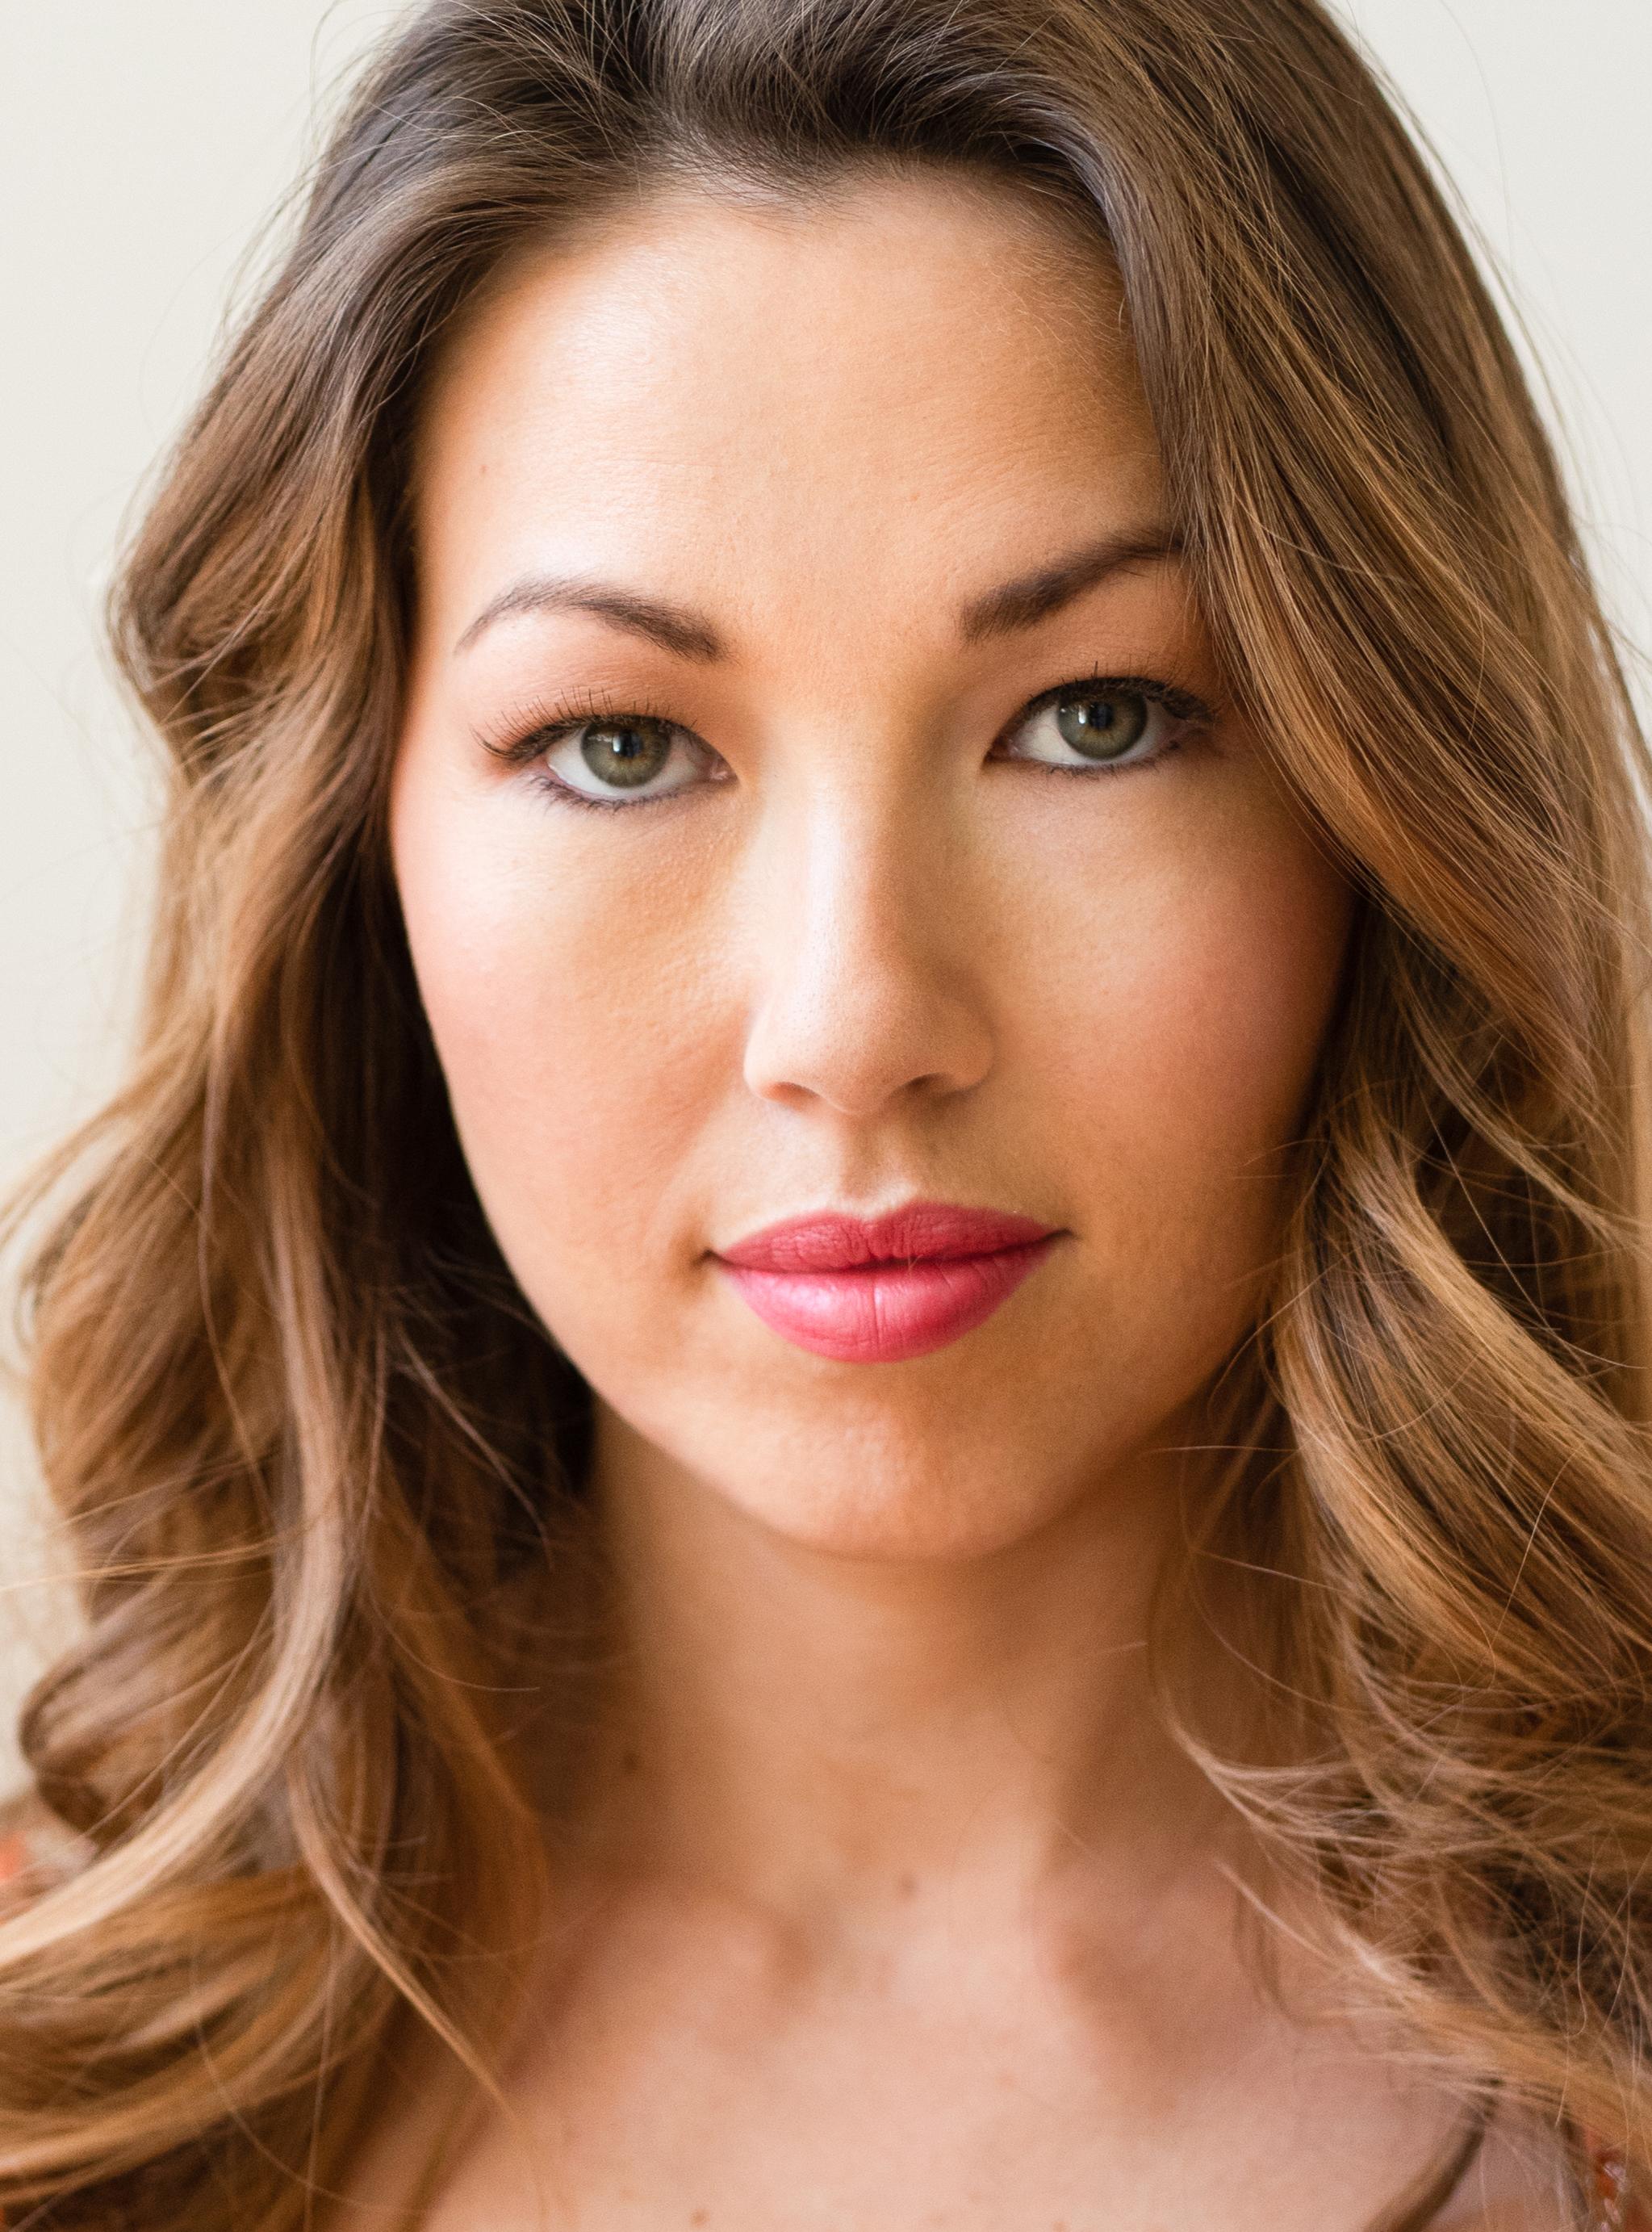 Tricia-Bennett-makeup-hair5.jpg